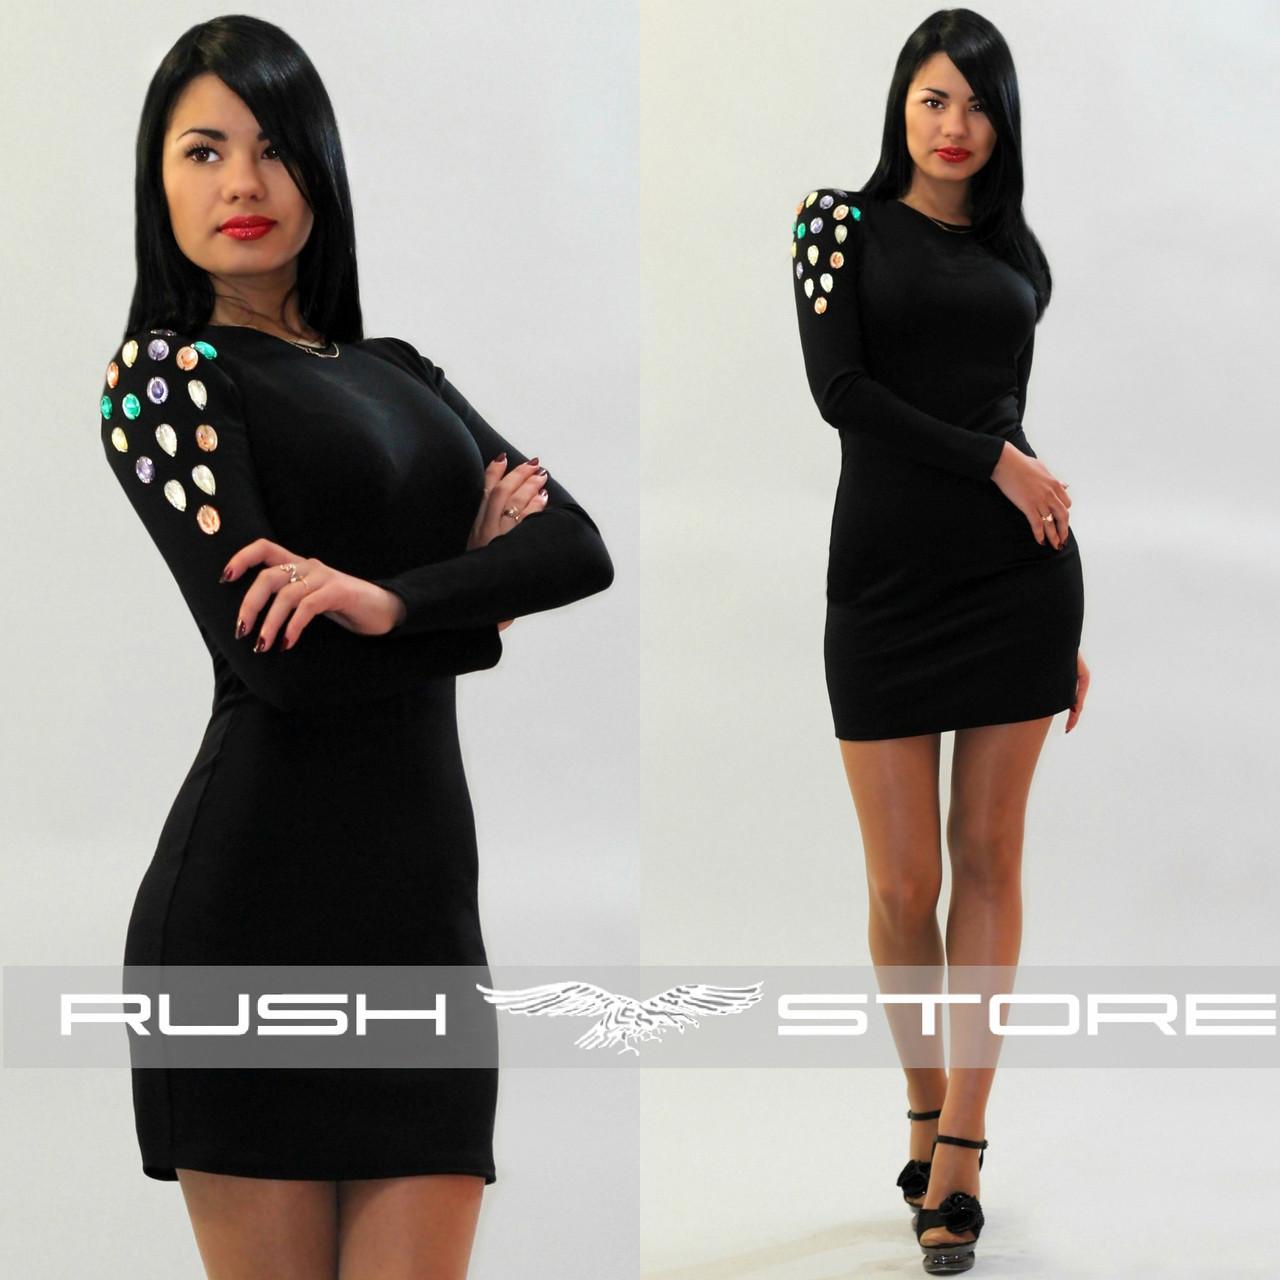 a88e025edb74 Платье с камнями на плече - RUSH STORE интернет-магазин женской одежды в  Николаеве